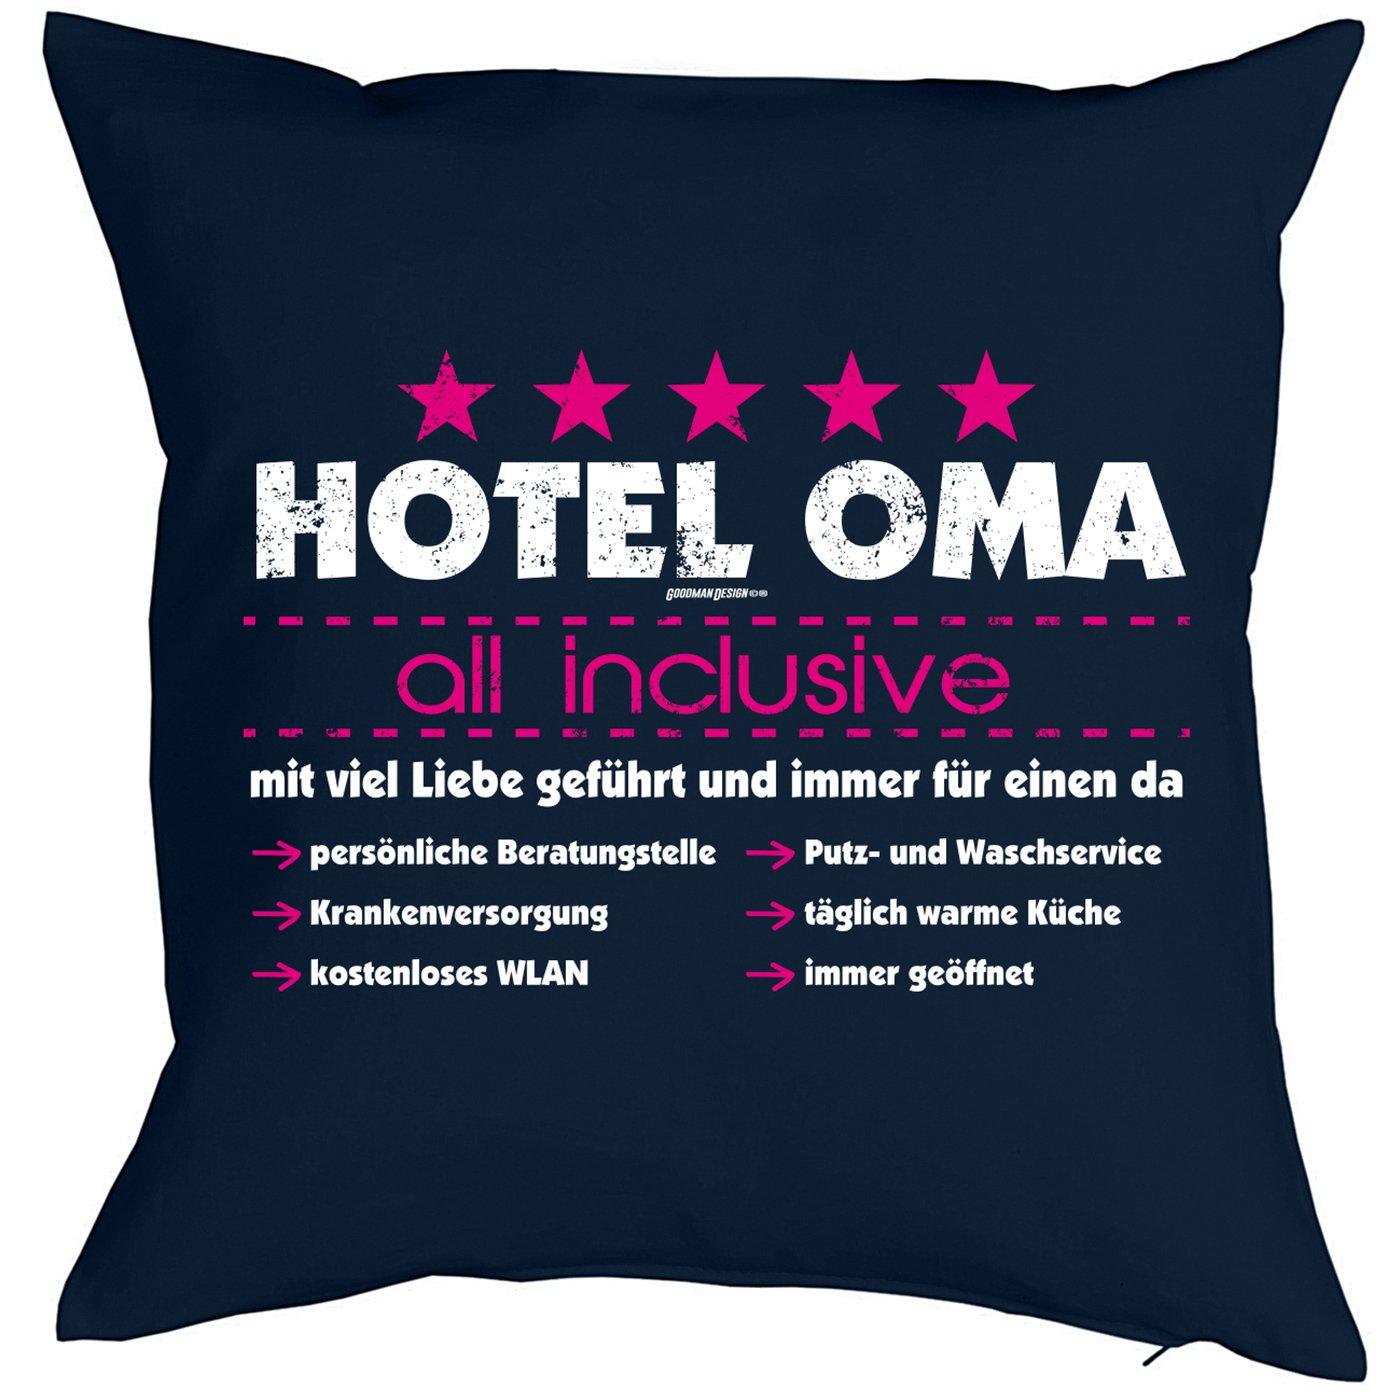 Weihnachtsgeschenk für Oma Kissenbezug Hotel Oma - all inclusive ...